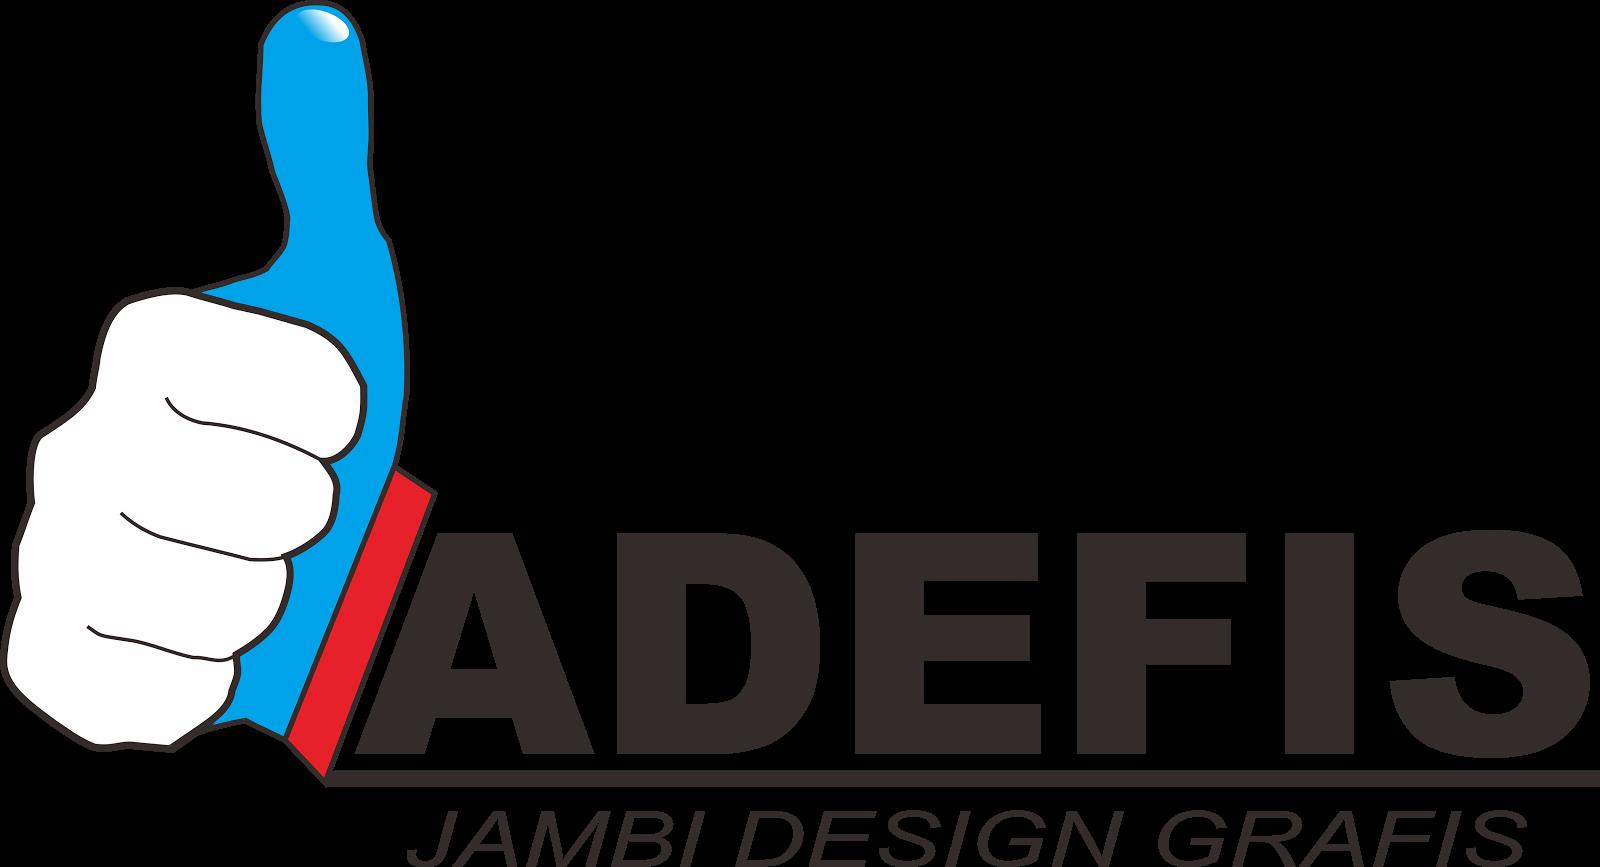 - JADEFIS - jambi desain grafis